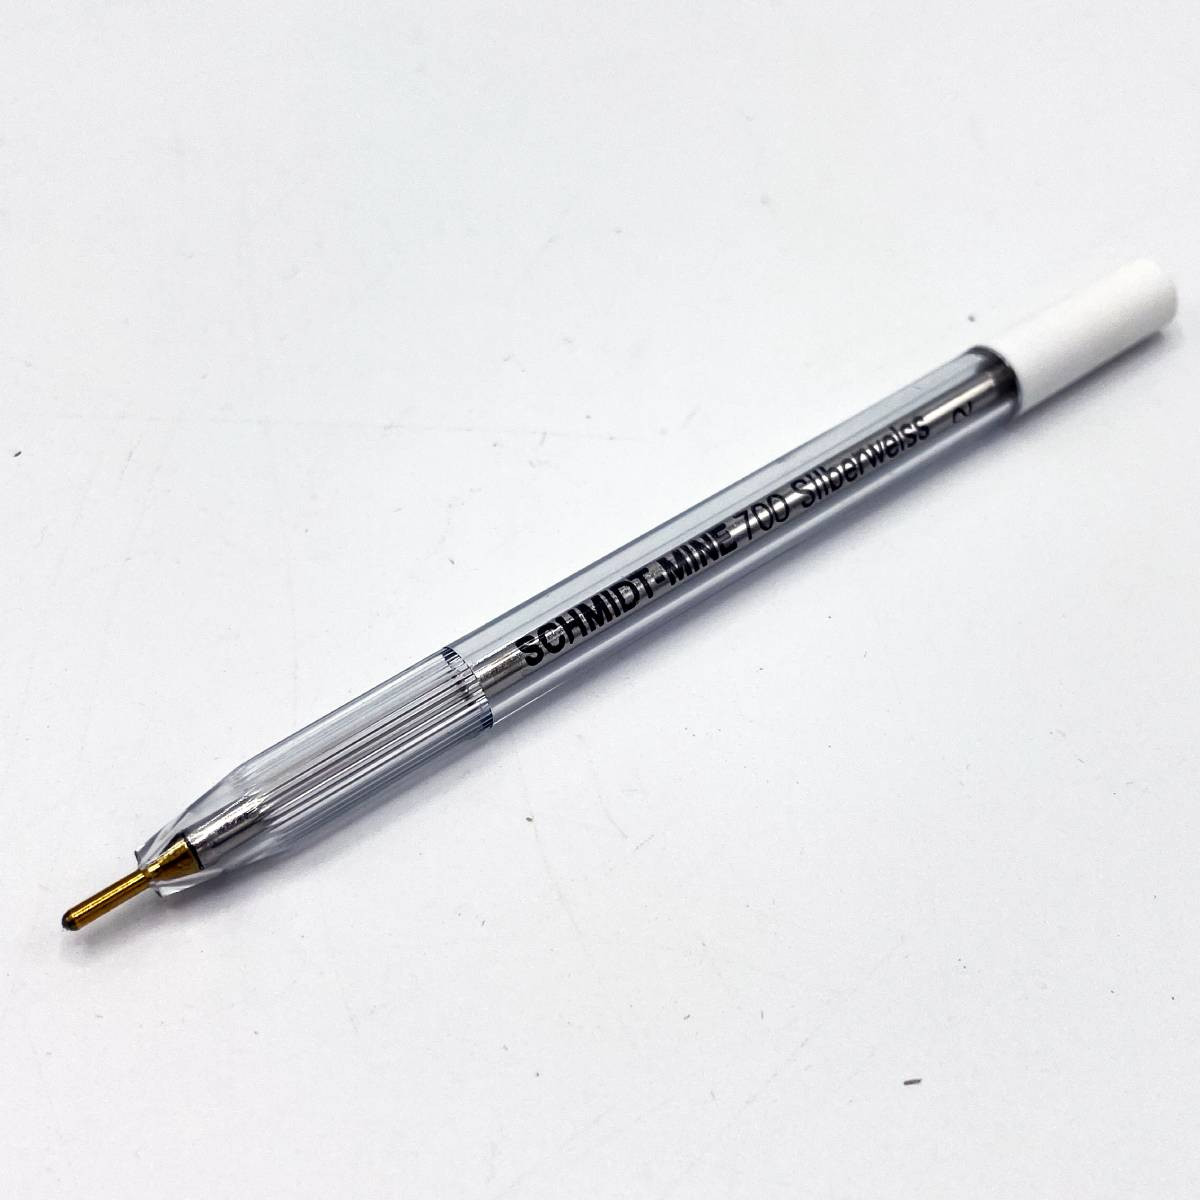 Stylo marquer les tissus simili cuir et cuir achat - Comment enlever du stylo sur du tissu ...